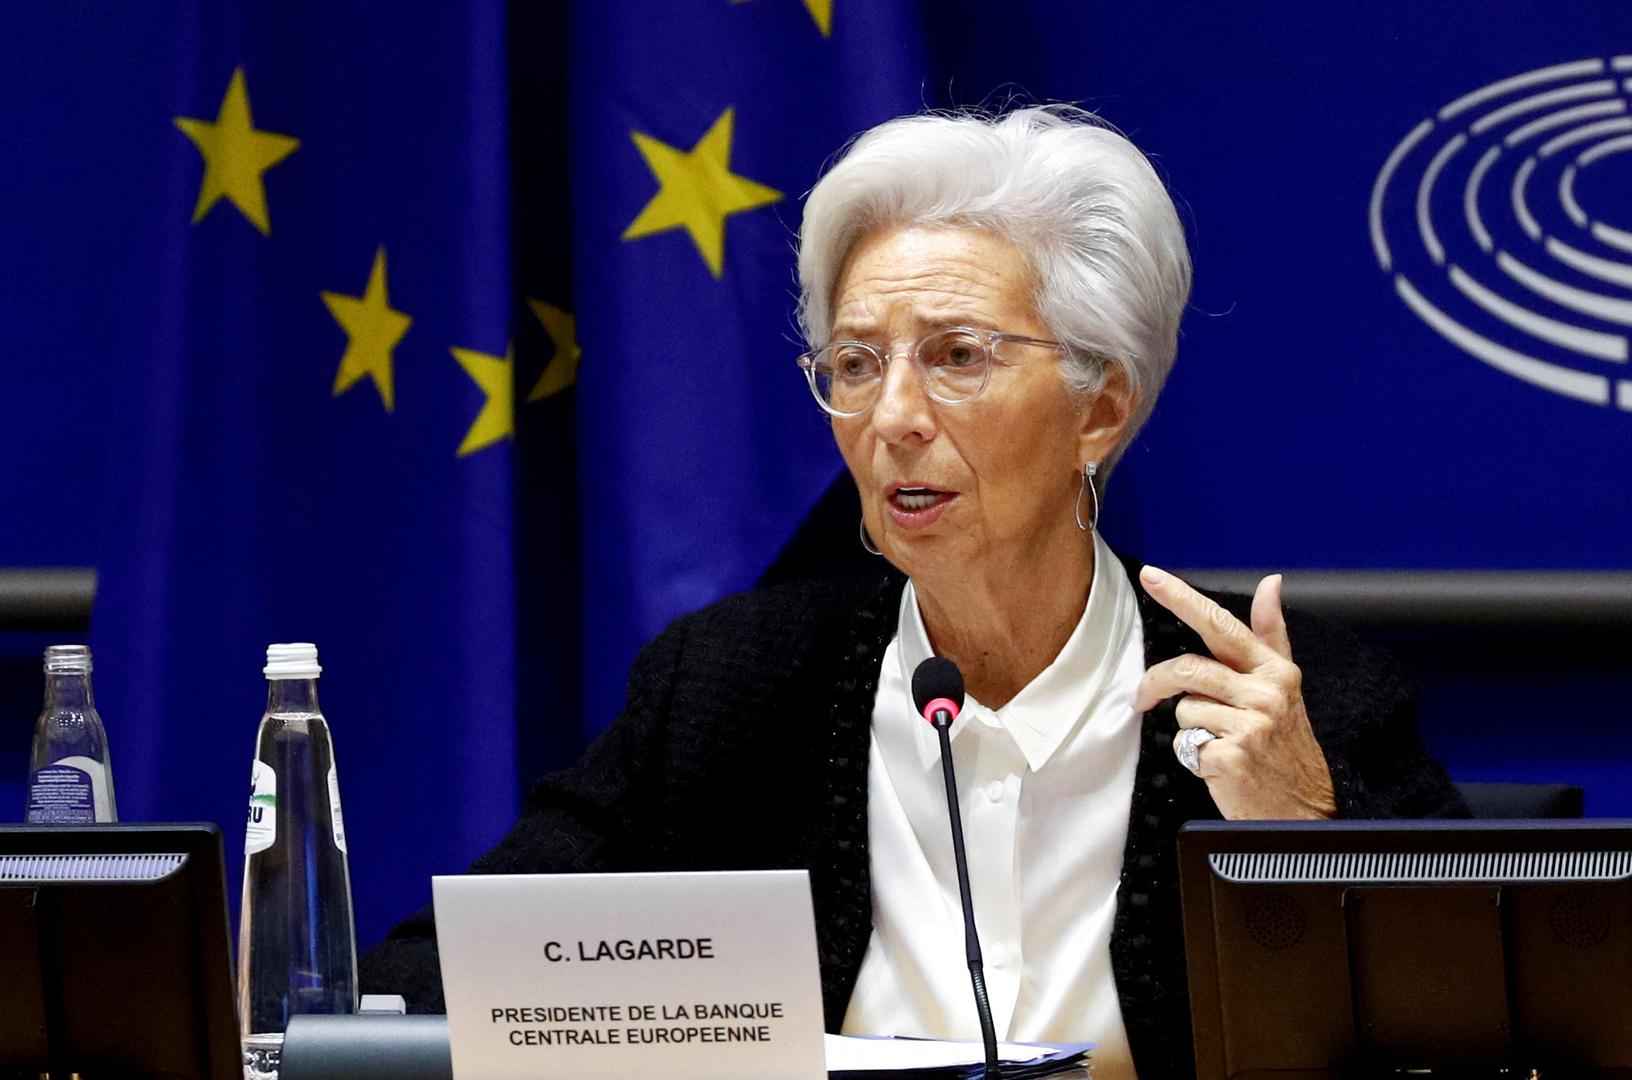 كريستين لاغارد رئيسة البنك المركزي الأوروبي